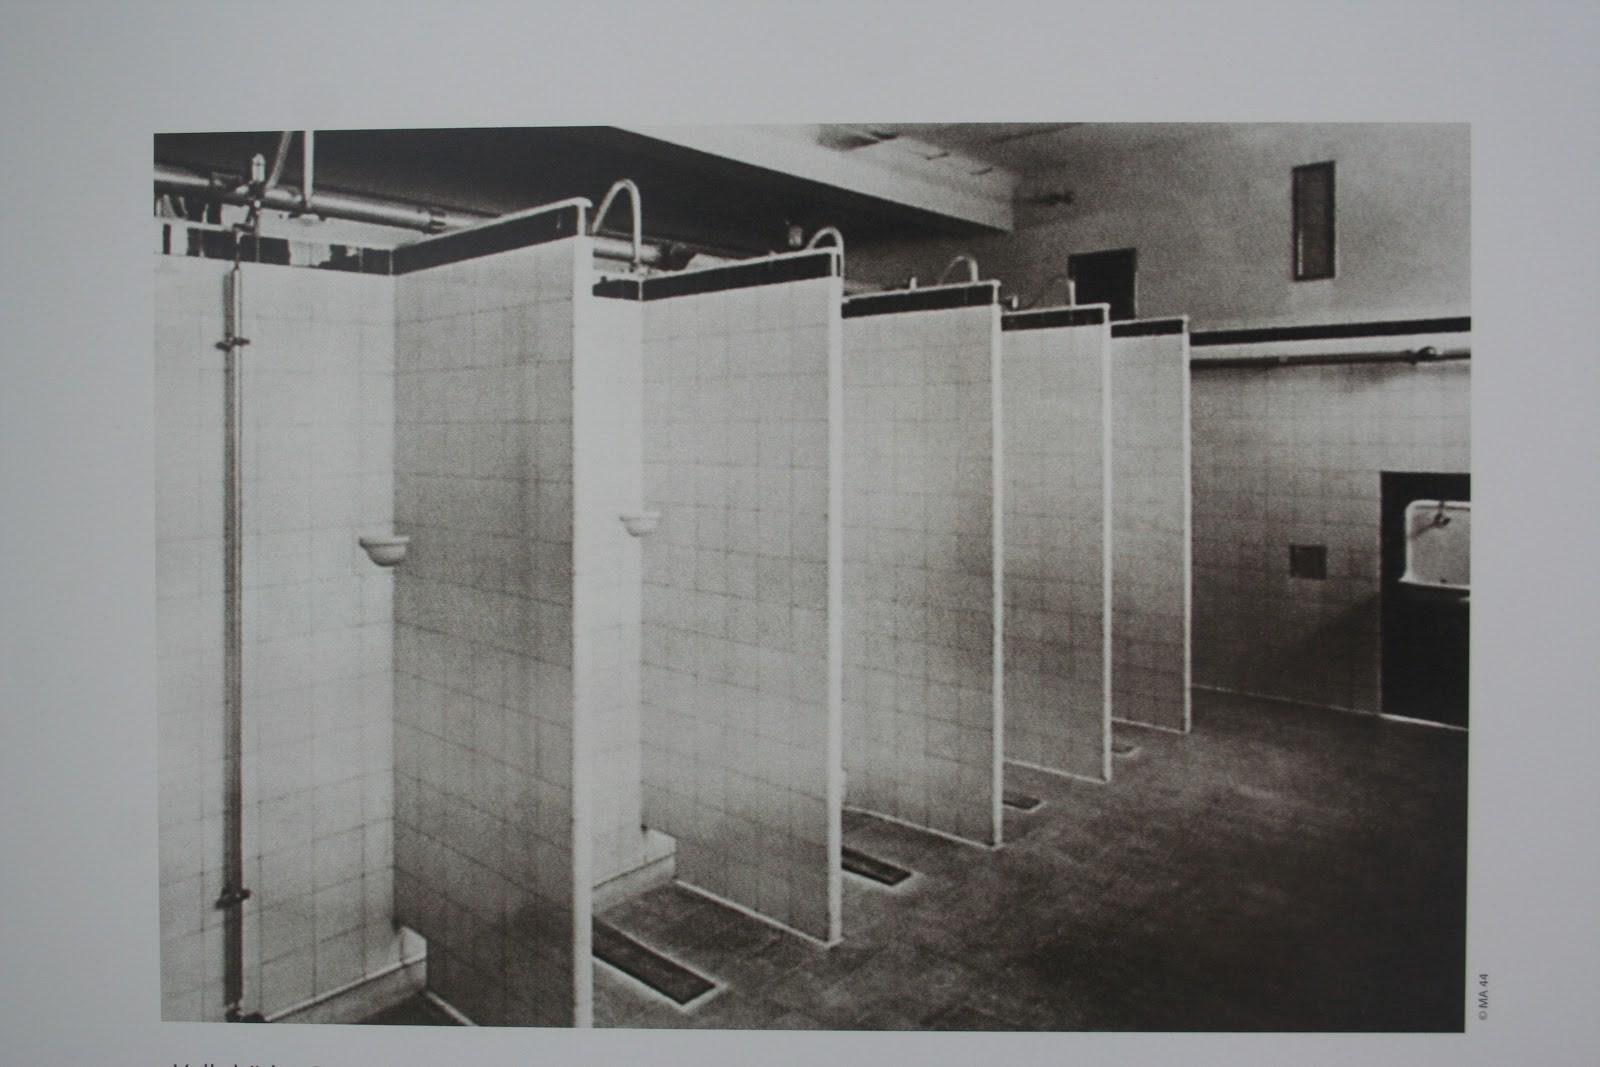 حمام مجموعهی کارل مارکس